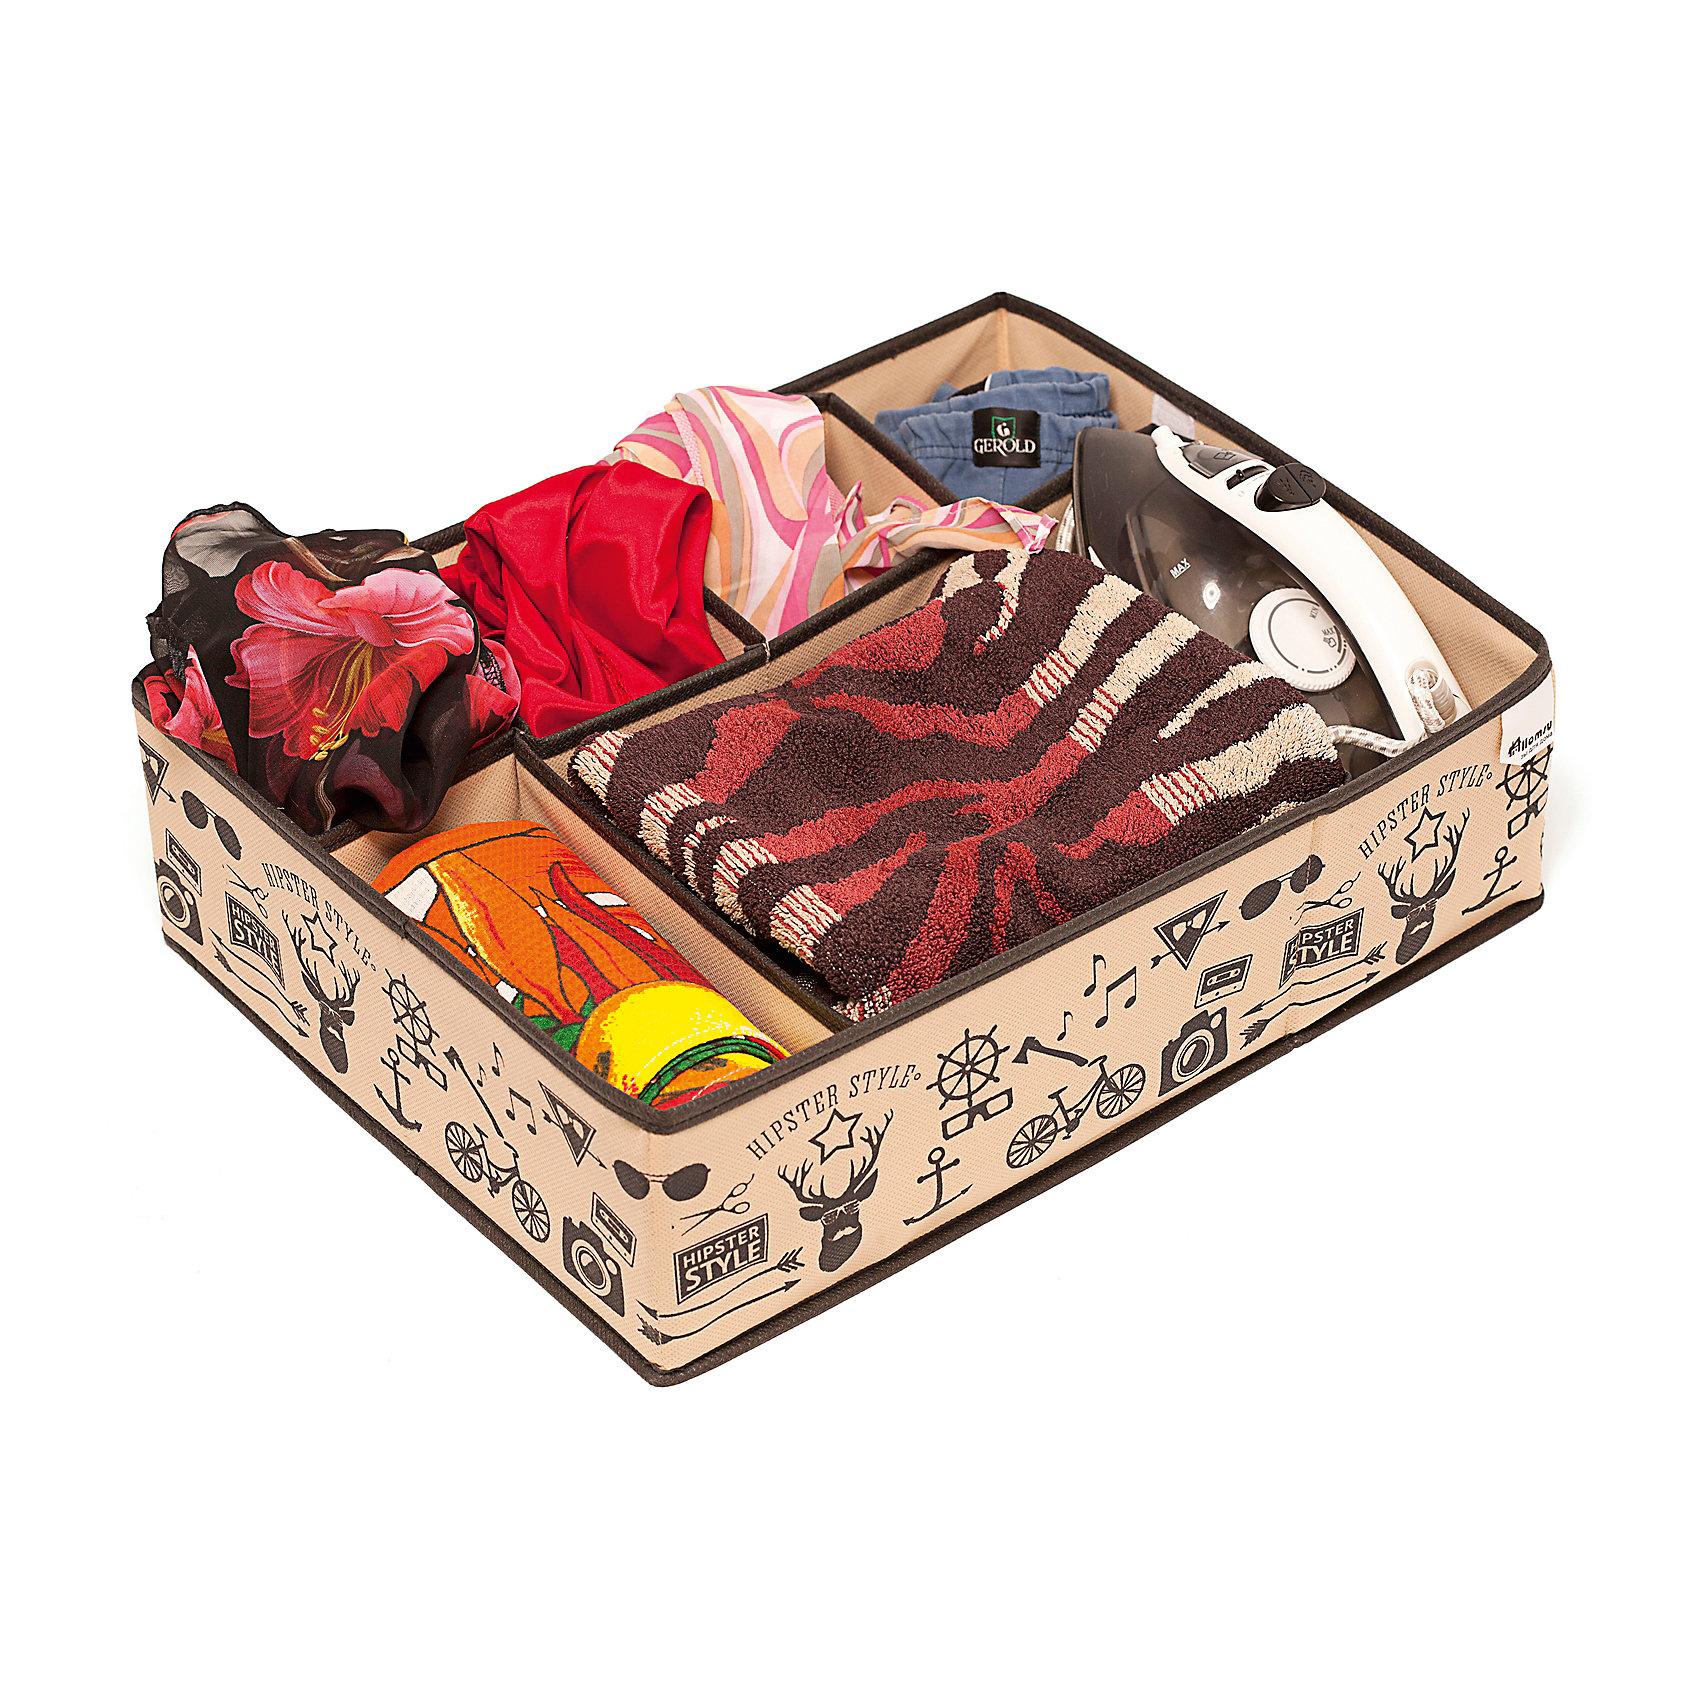 Органайзер для вещей Hipster Style (44*34*11), HomsuПорядок в детской<br>Супер универсальный органайзер с секциями разного размера наведет порядок в любом ящике комода или на полке. Благодаря размерам ячеек, вы легко сможете хранить в нем вещи такие, как футболки, нижнее белье, носки, шапки и многое другое. Имеет жесткие борта, что является гарантией сохранности вещей. Подходит в шкафы Били от Икея.<br><br>Ширина мм: 460<br>Глубина мм: 300<br>Высота мм: 20<br>Вес г: 300<br>Возраст от месяцев: 216<br>Возраст до месяцев: 1188<br>Пол: Унисекс<br>Возраст: Детский<br>SKU: 5620132